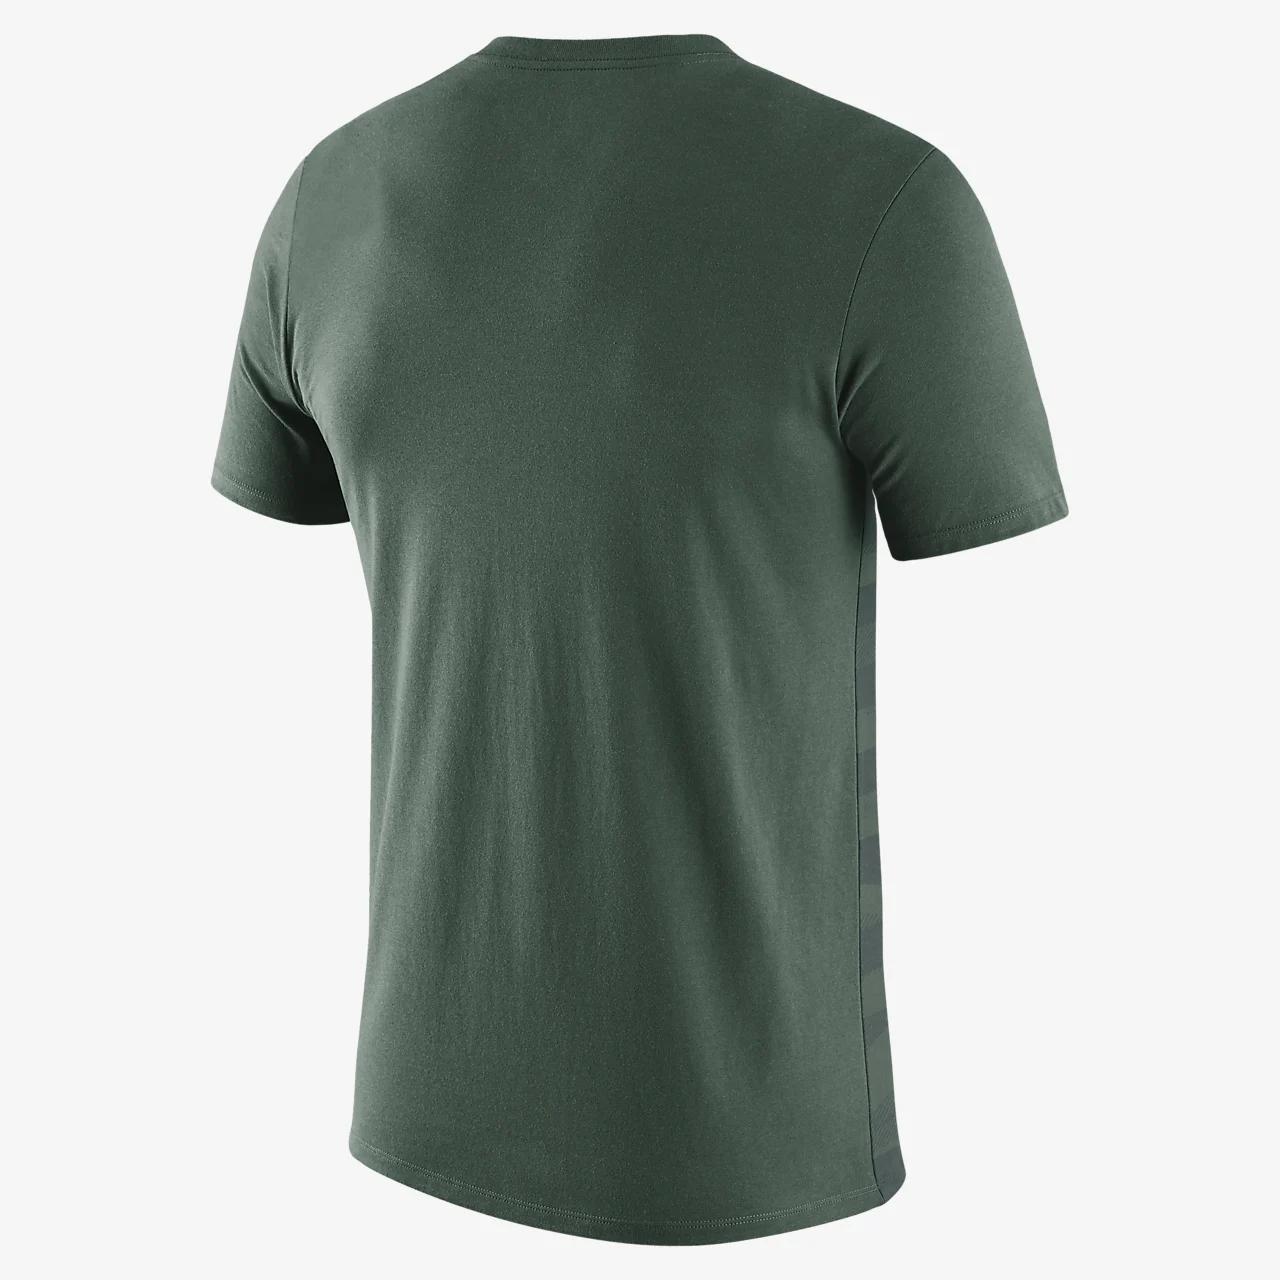 나이키 칼리지 드라이핏 레전드(미시건 주) 남자 티셔츠 CT7989-397